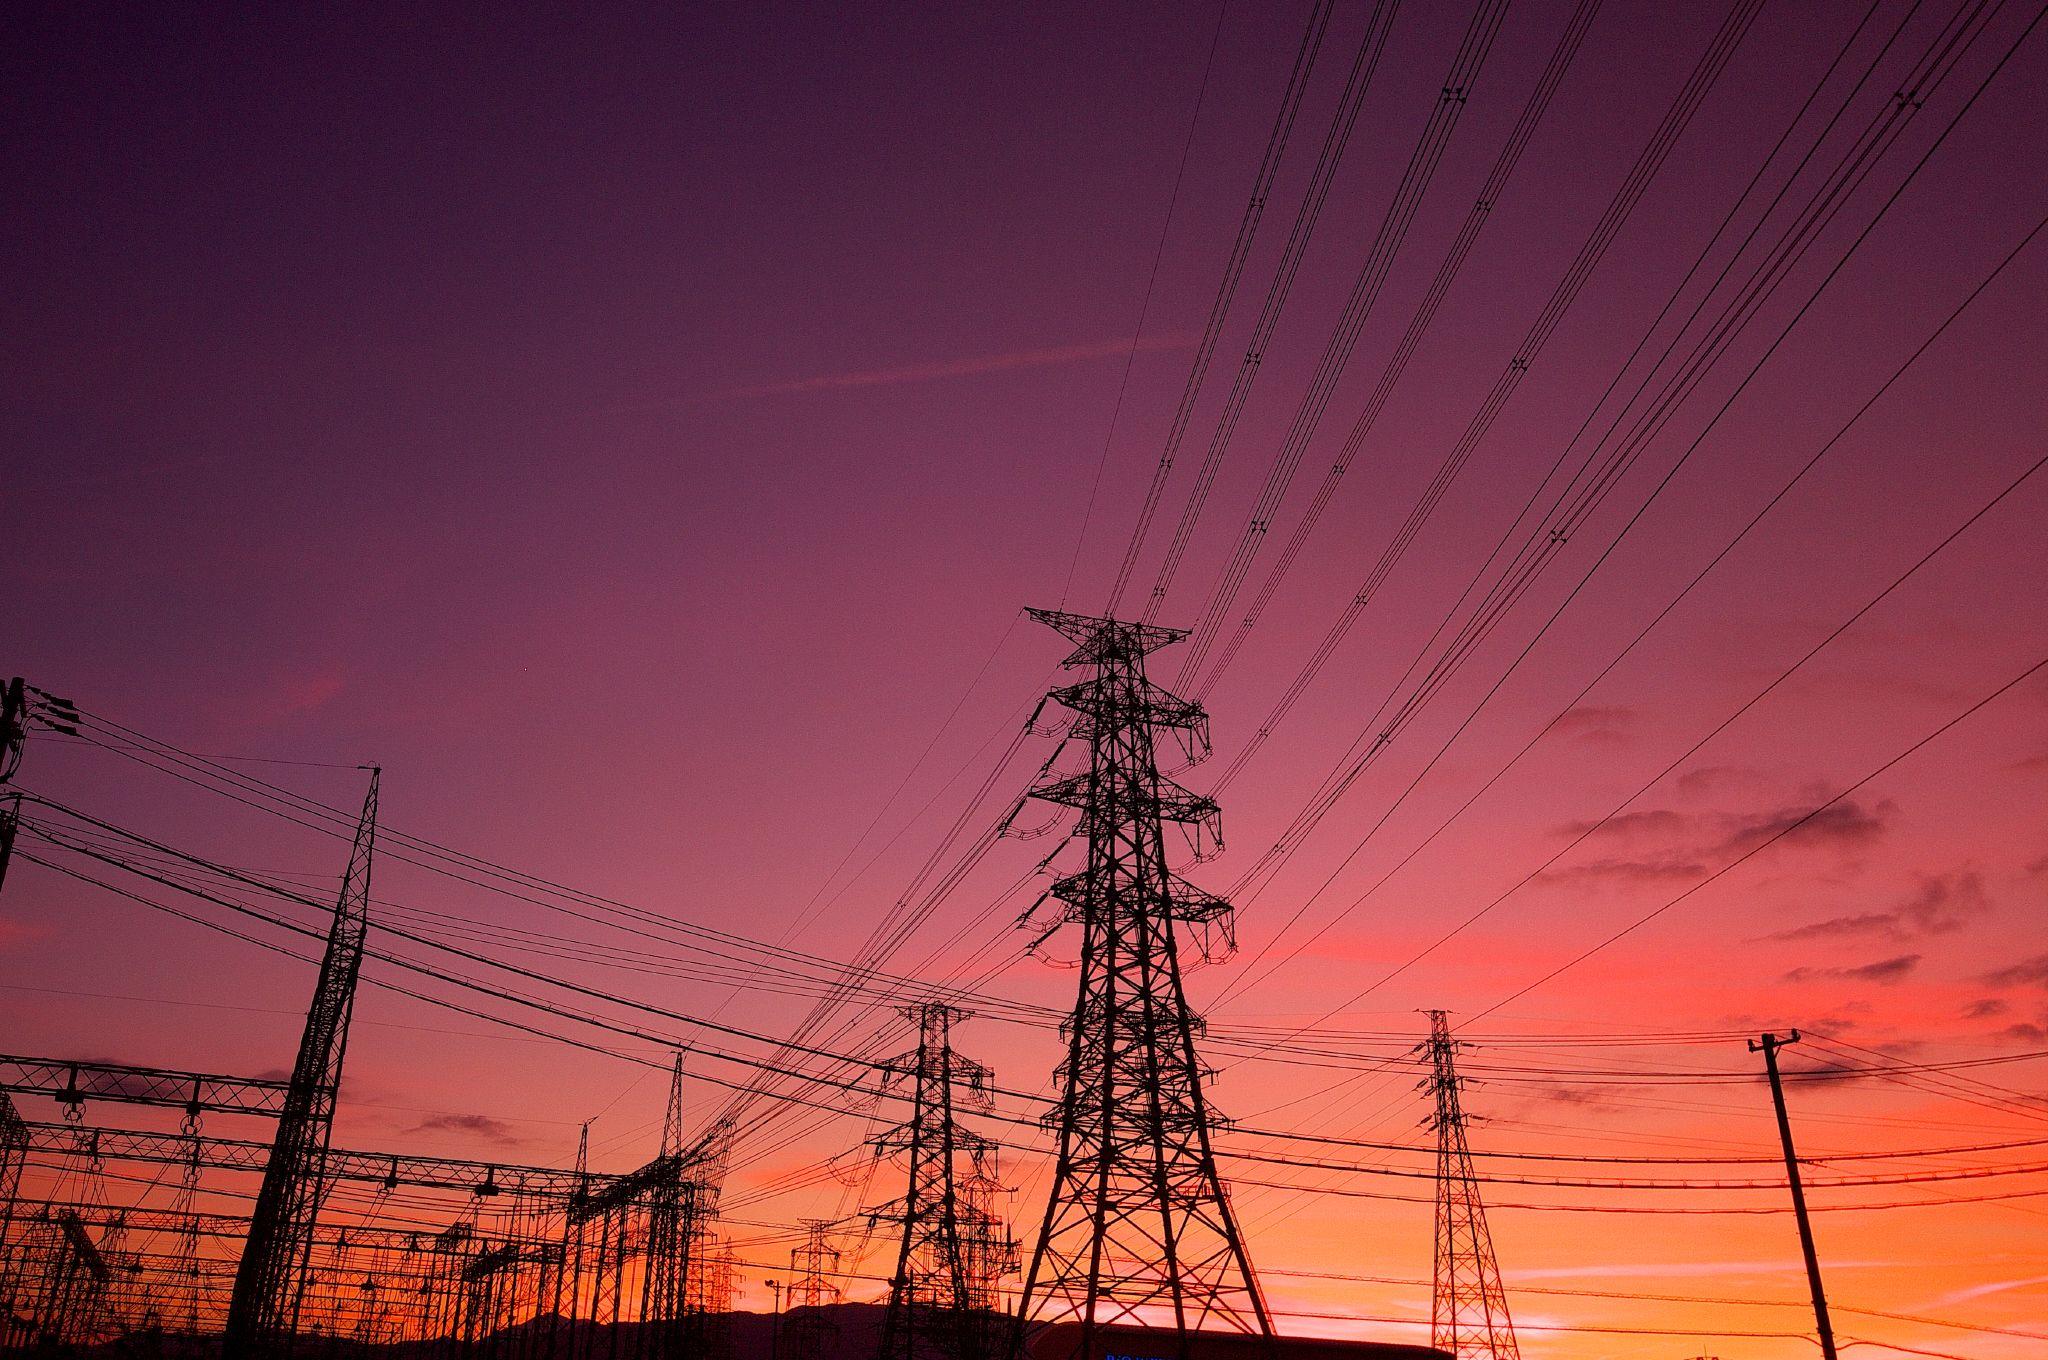 Energieaudits und Steigerung der Energieeffizienz